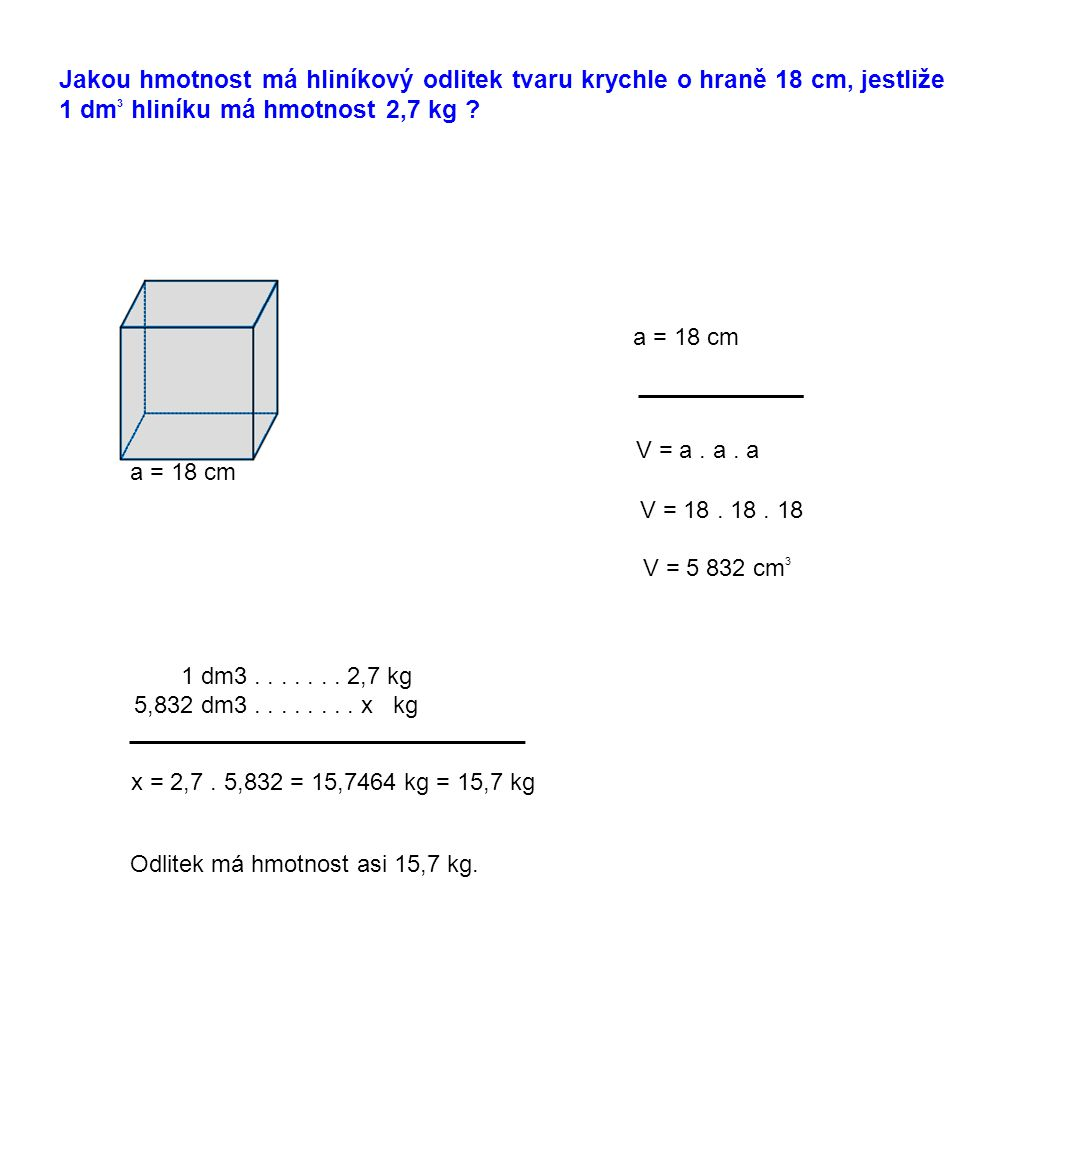 Jakou hmotnost má hliníkový odlitek tvaru krychle o hraně 18 cm, jestliže 1 dm 3 hliníku má hmotnost 2,7 kg .